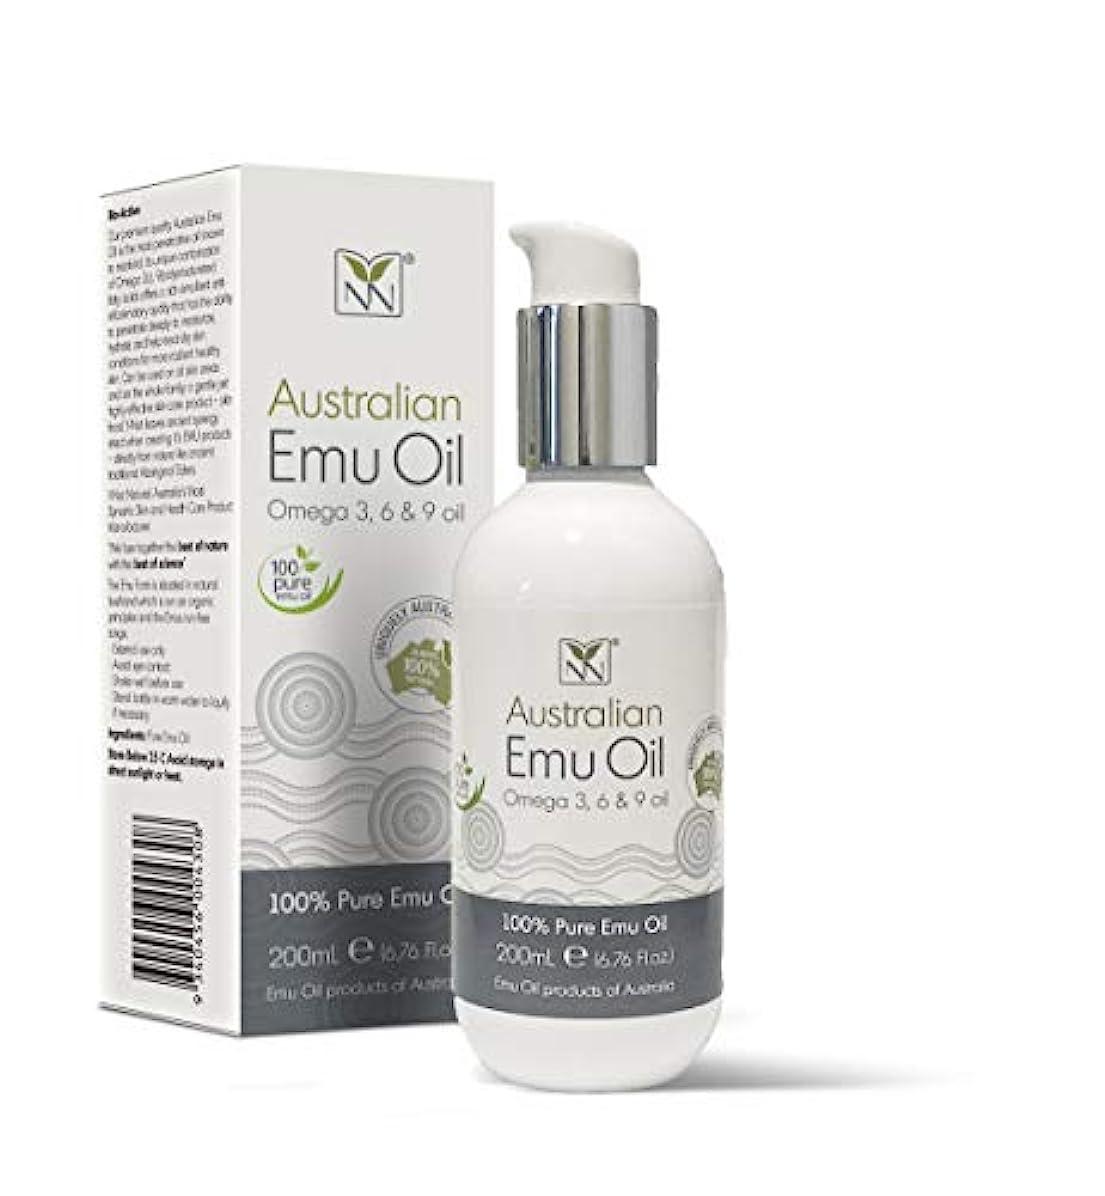 極貧削るなんでもY Not Natural エミューオイル EMU OIL 無添加100% 保湿性 浸透性 抜群 プレミアム品質 エミュー油 (200 ml)